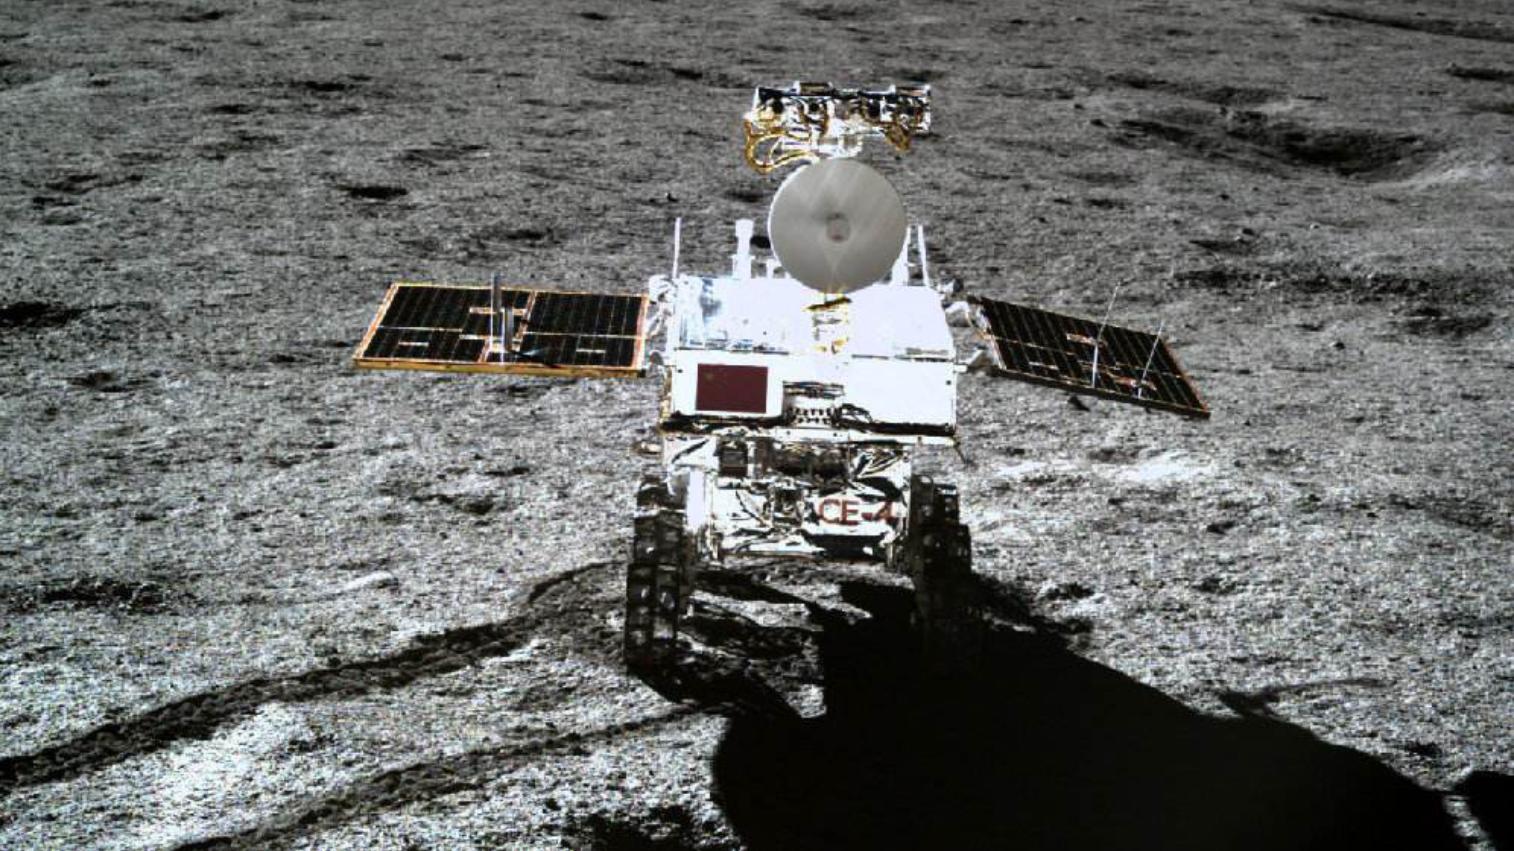 50年前人类就开始探月,如今仍一无所获,月球究竟有什么魅力?